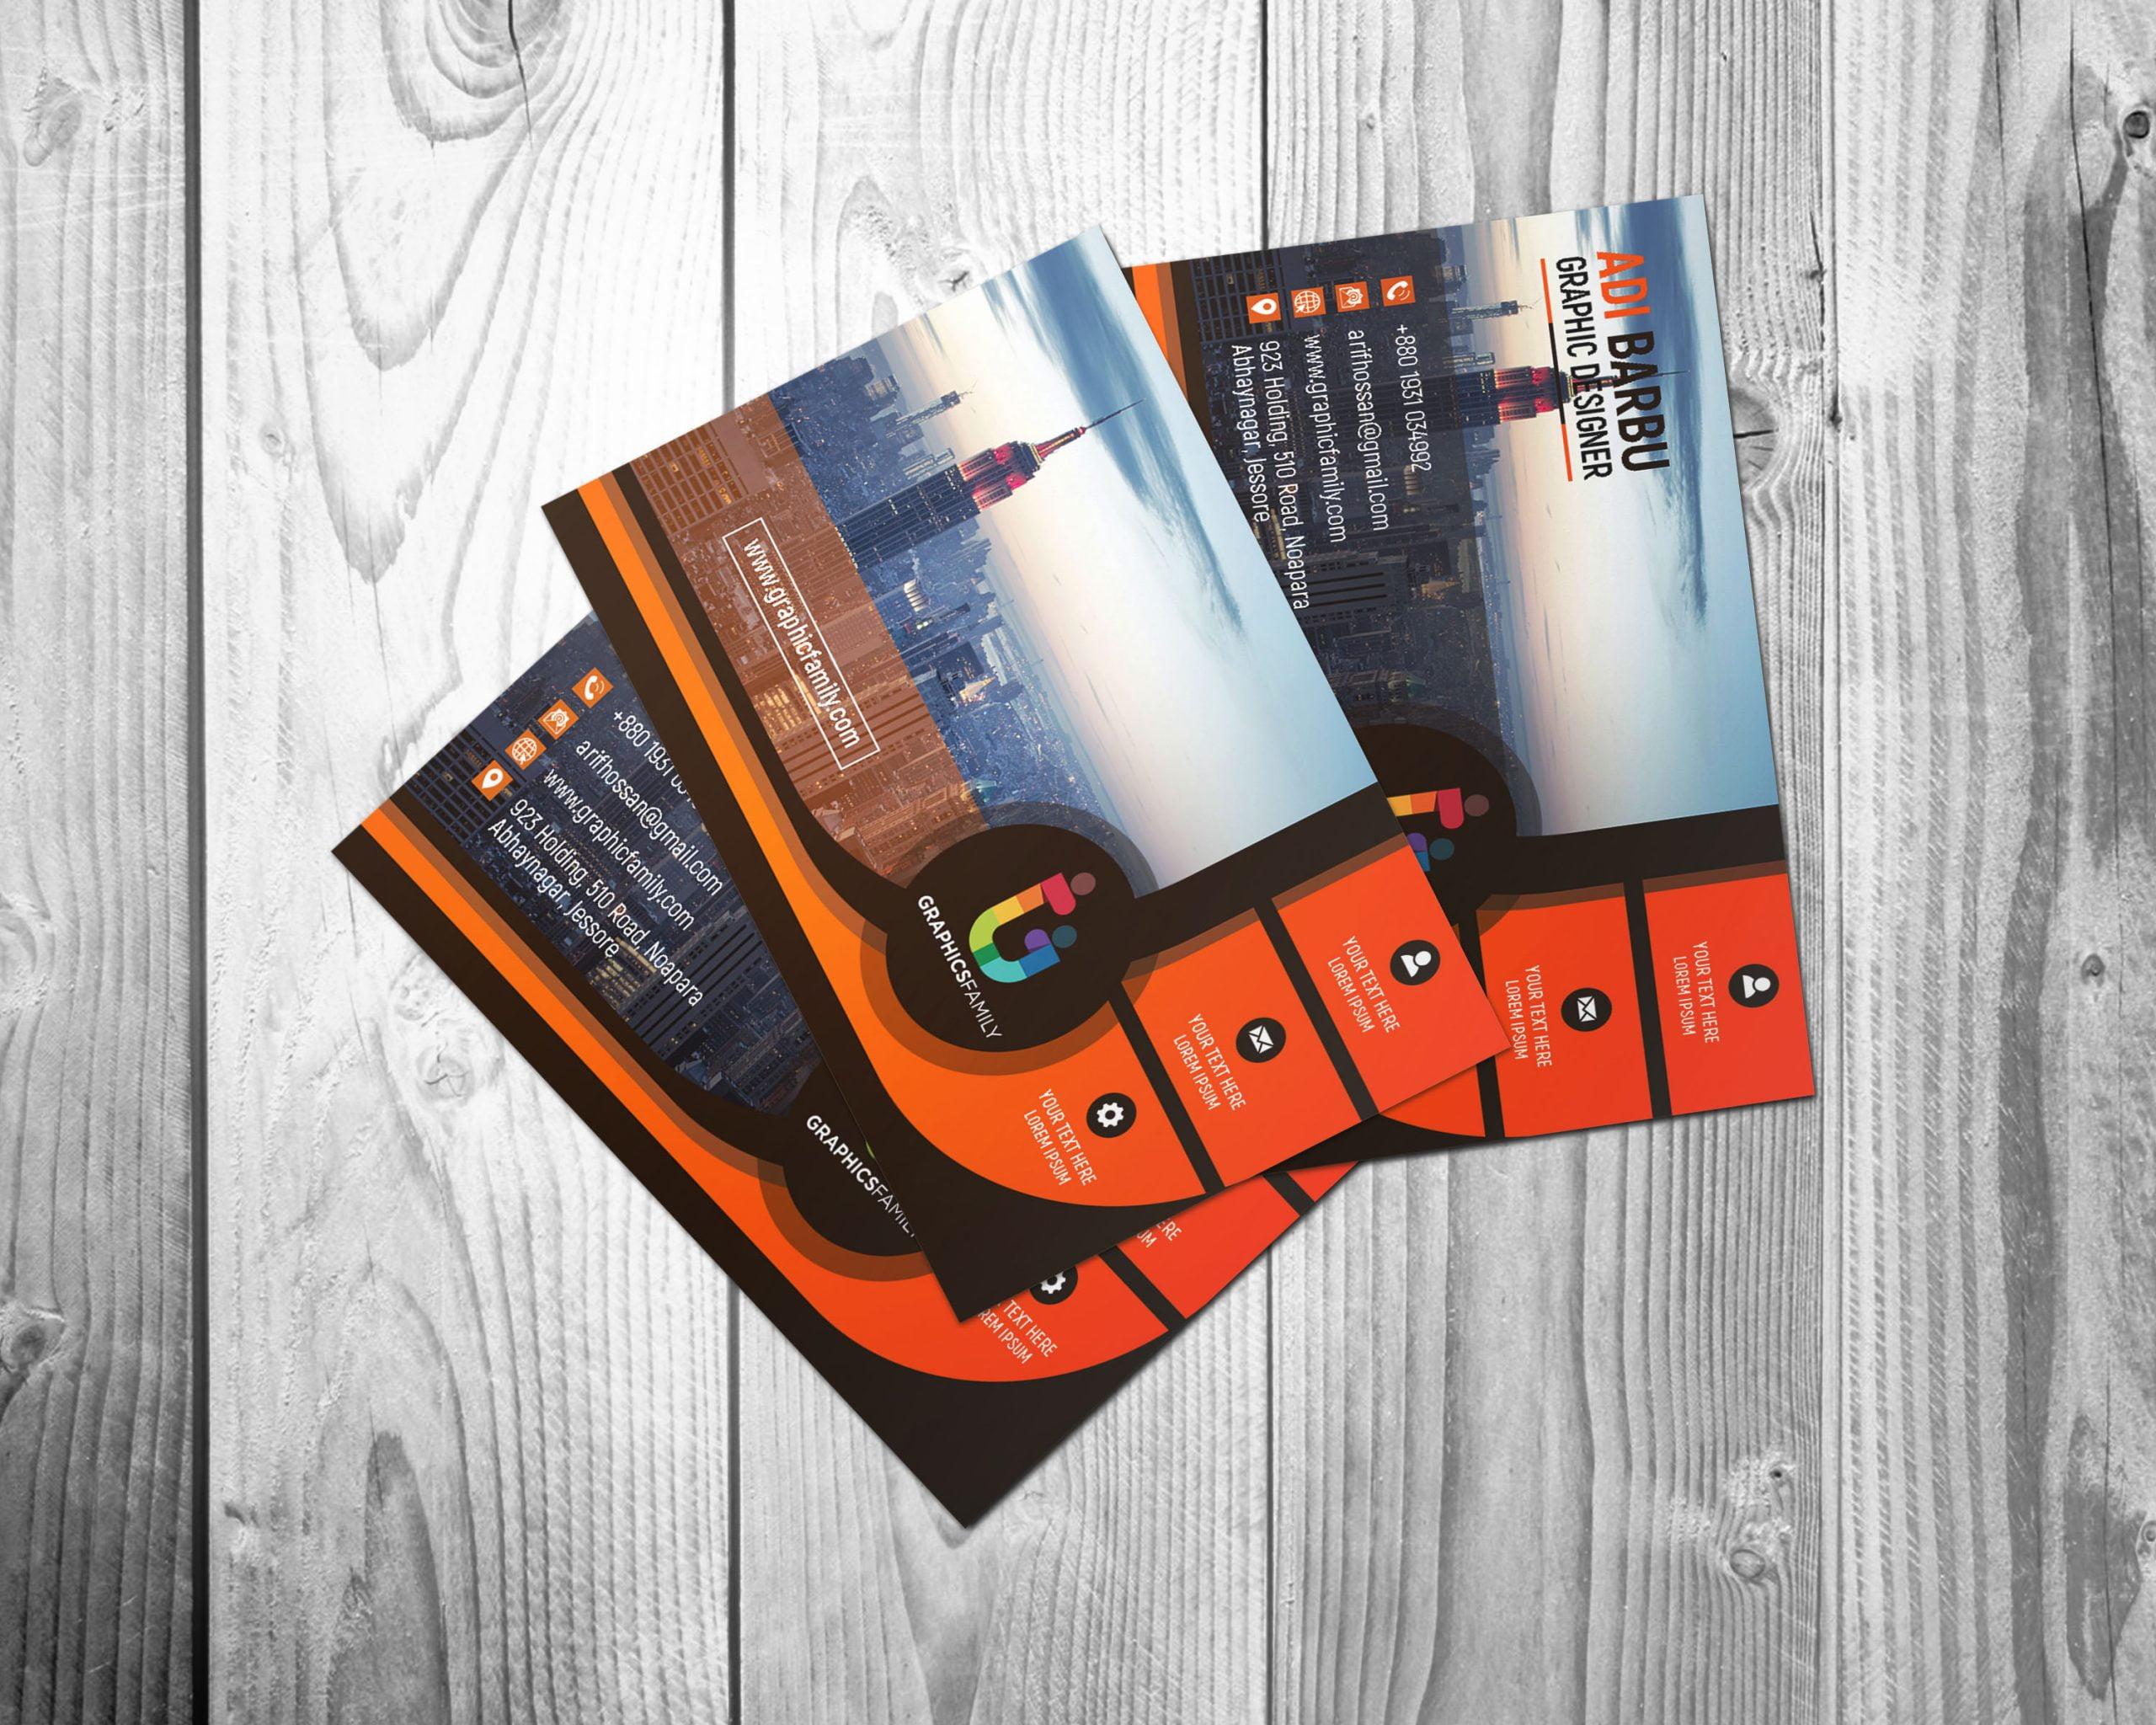 Black and Orange Business card for Financial Auditor Mockup Presentation